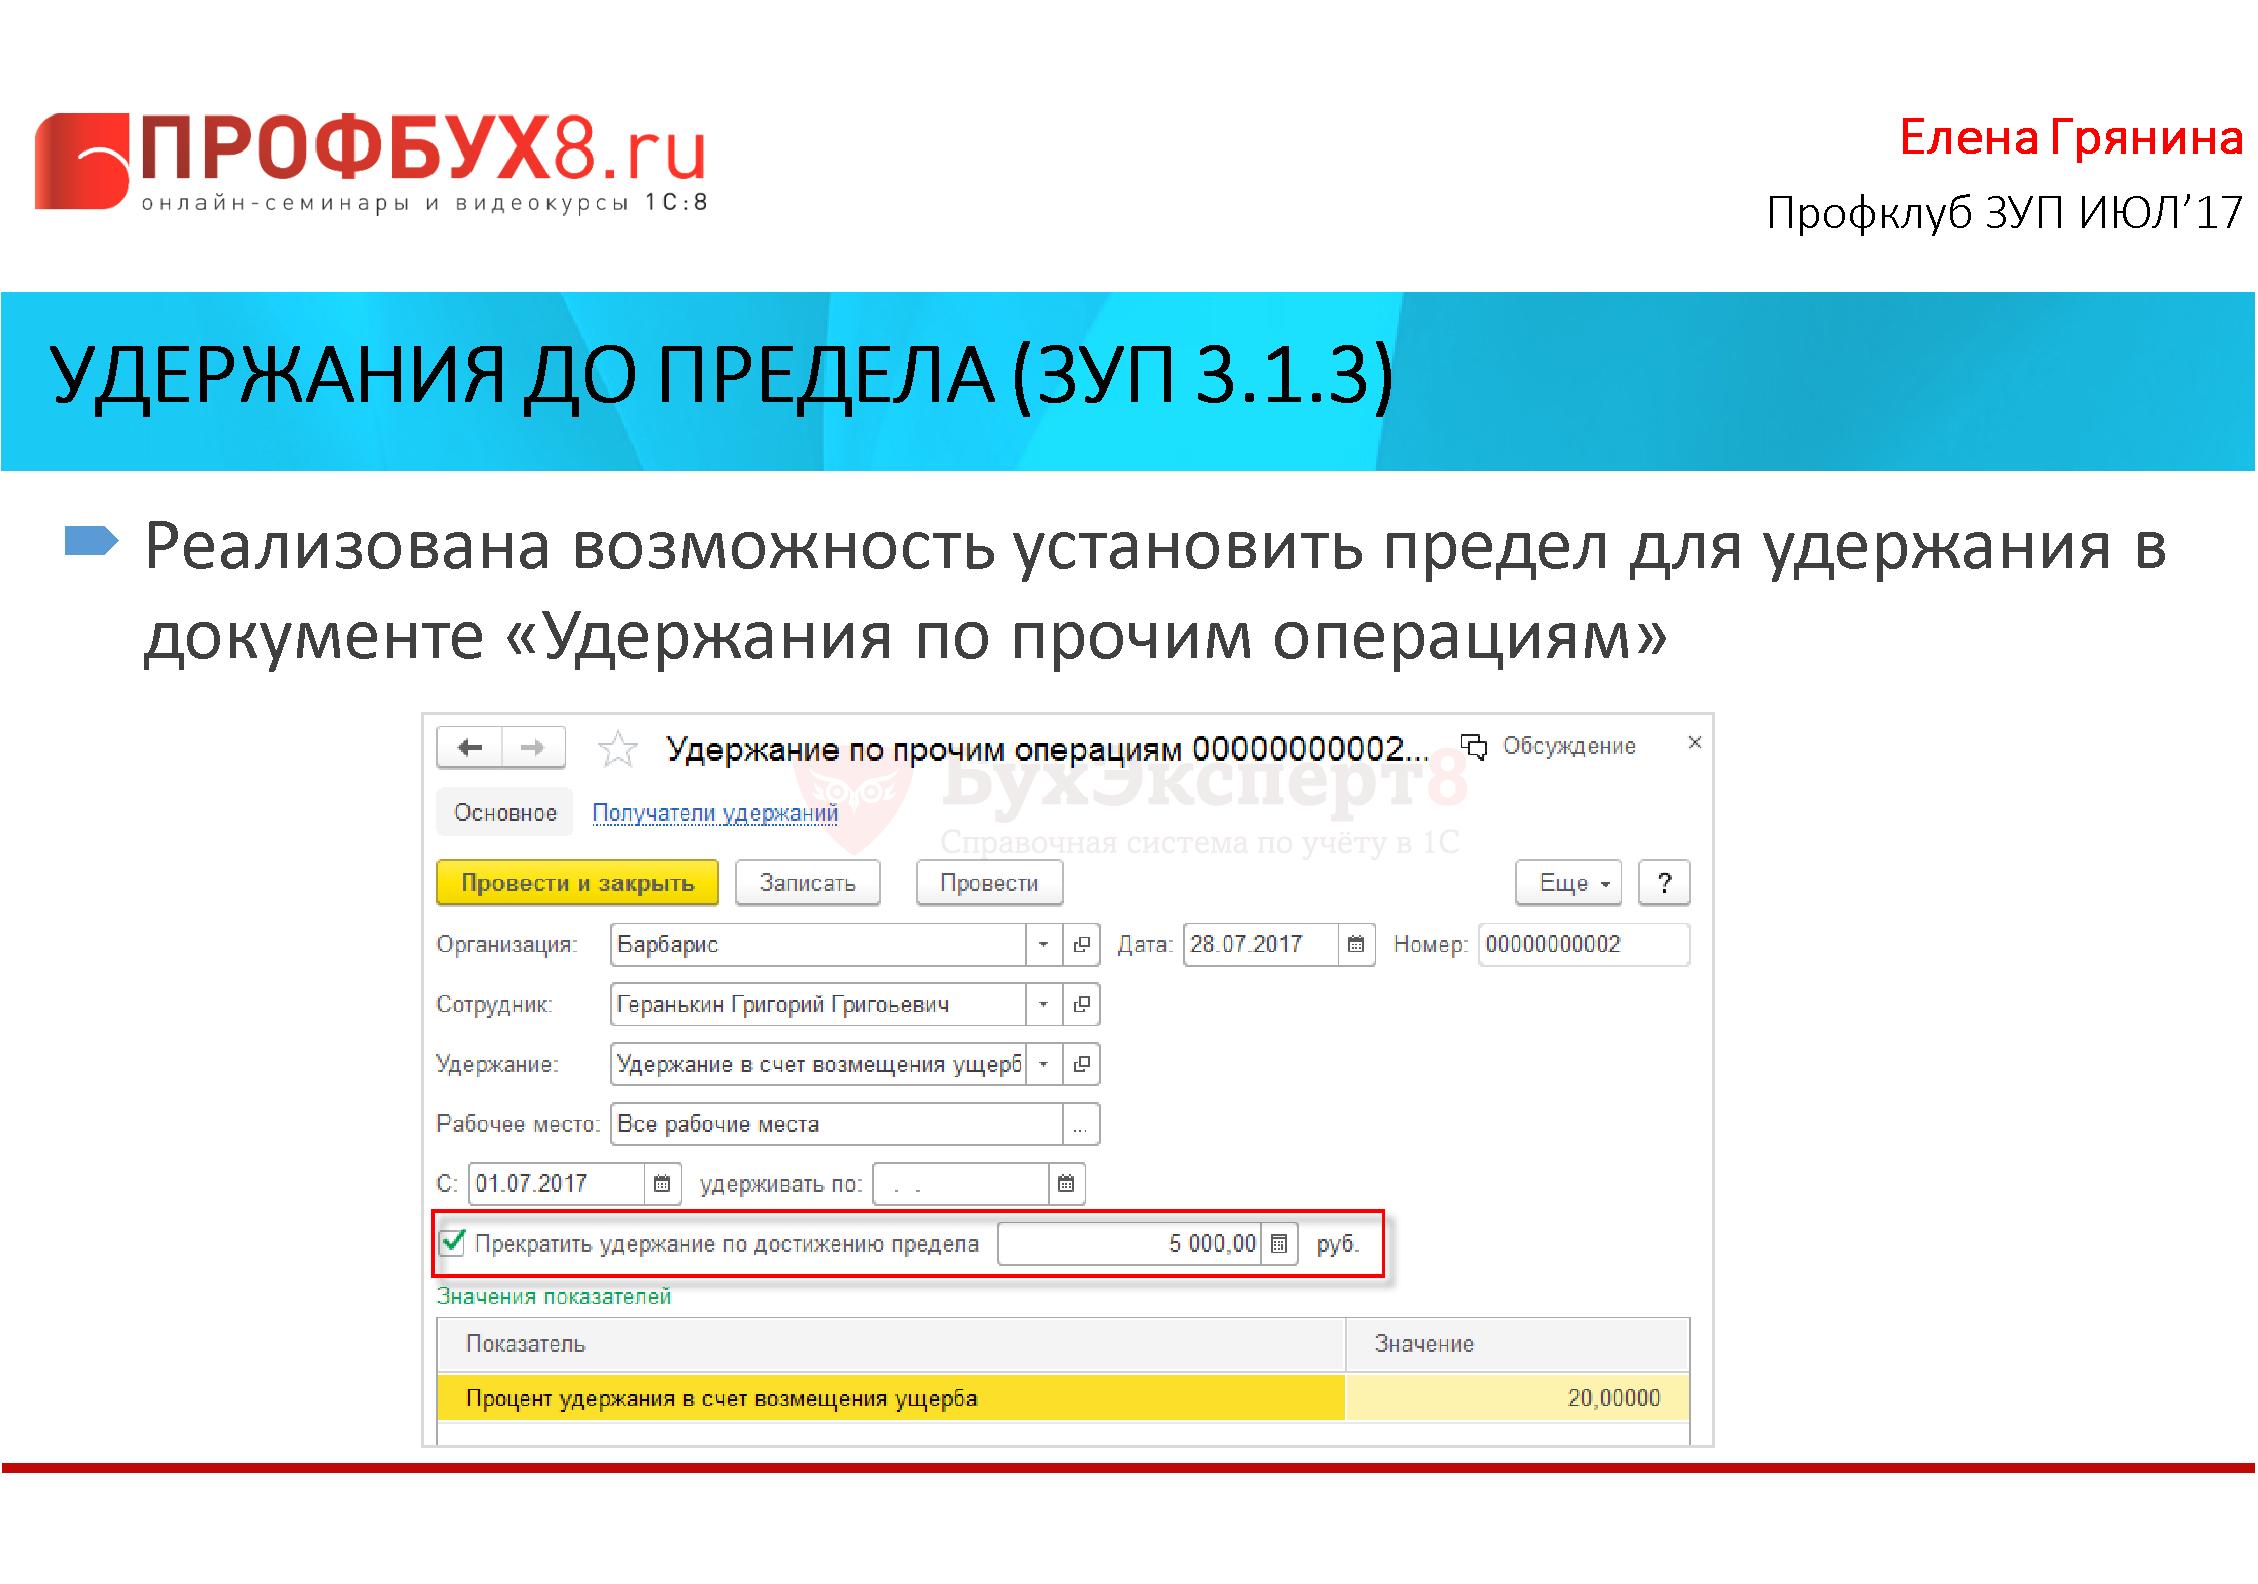 Удержания до предела (зуп 3.1.3) Реализована возможность установить предел для удержания в документе «Удержания по прочим операциям»